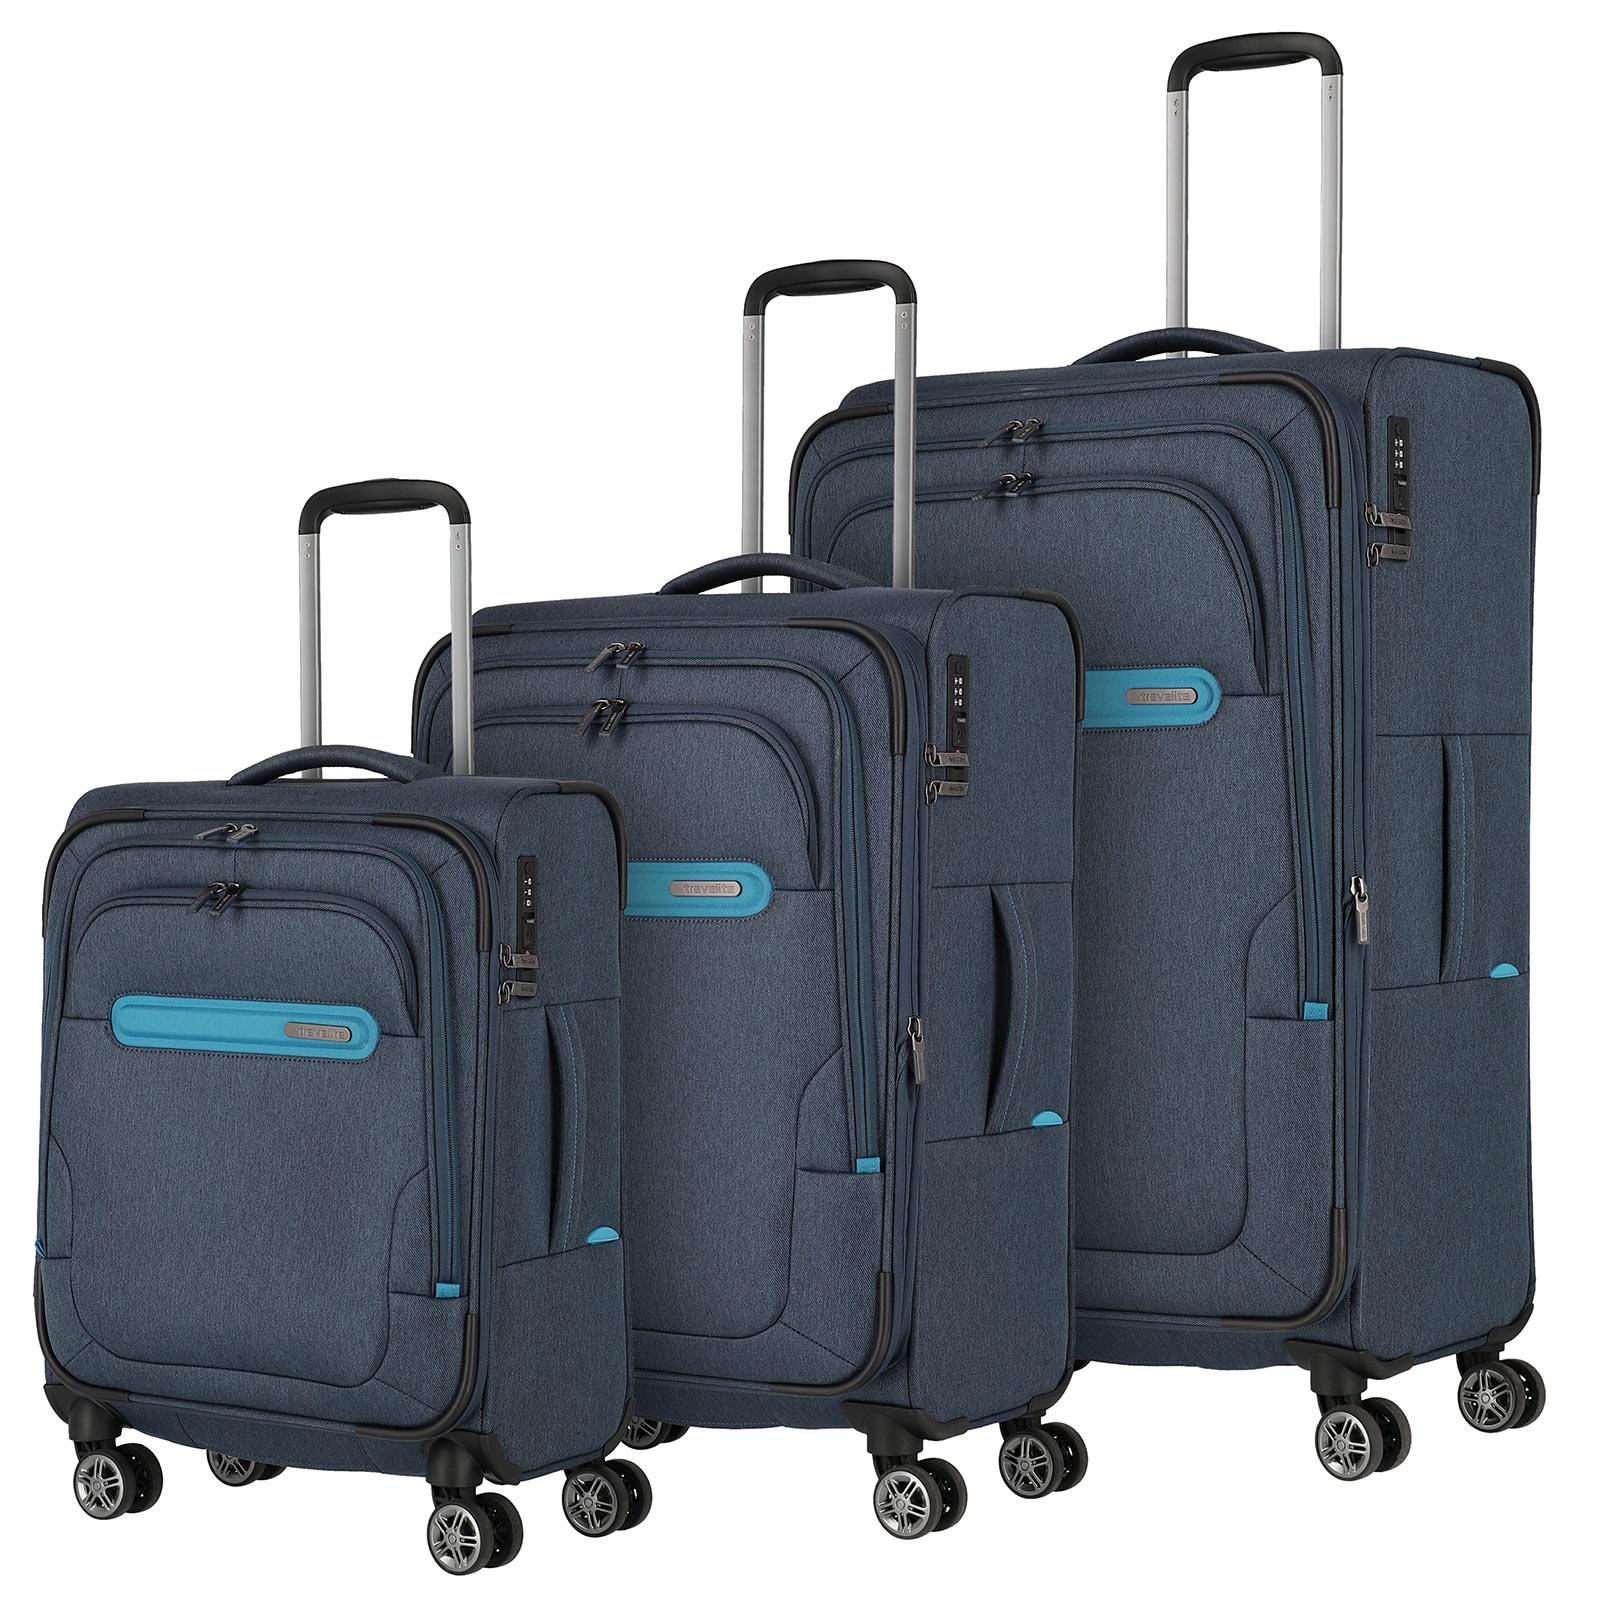 travelite-madeira-marine-turkis-3-tlg-trolley-set-4-rad-handgepack